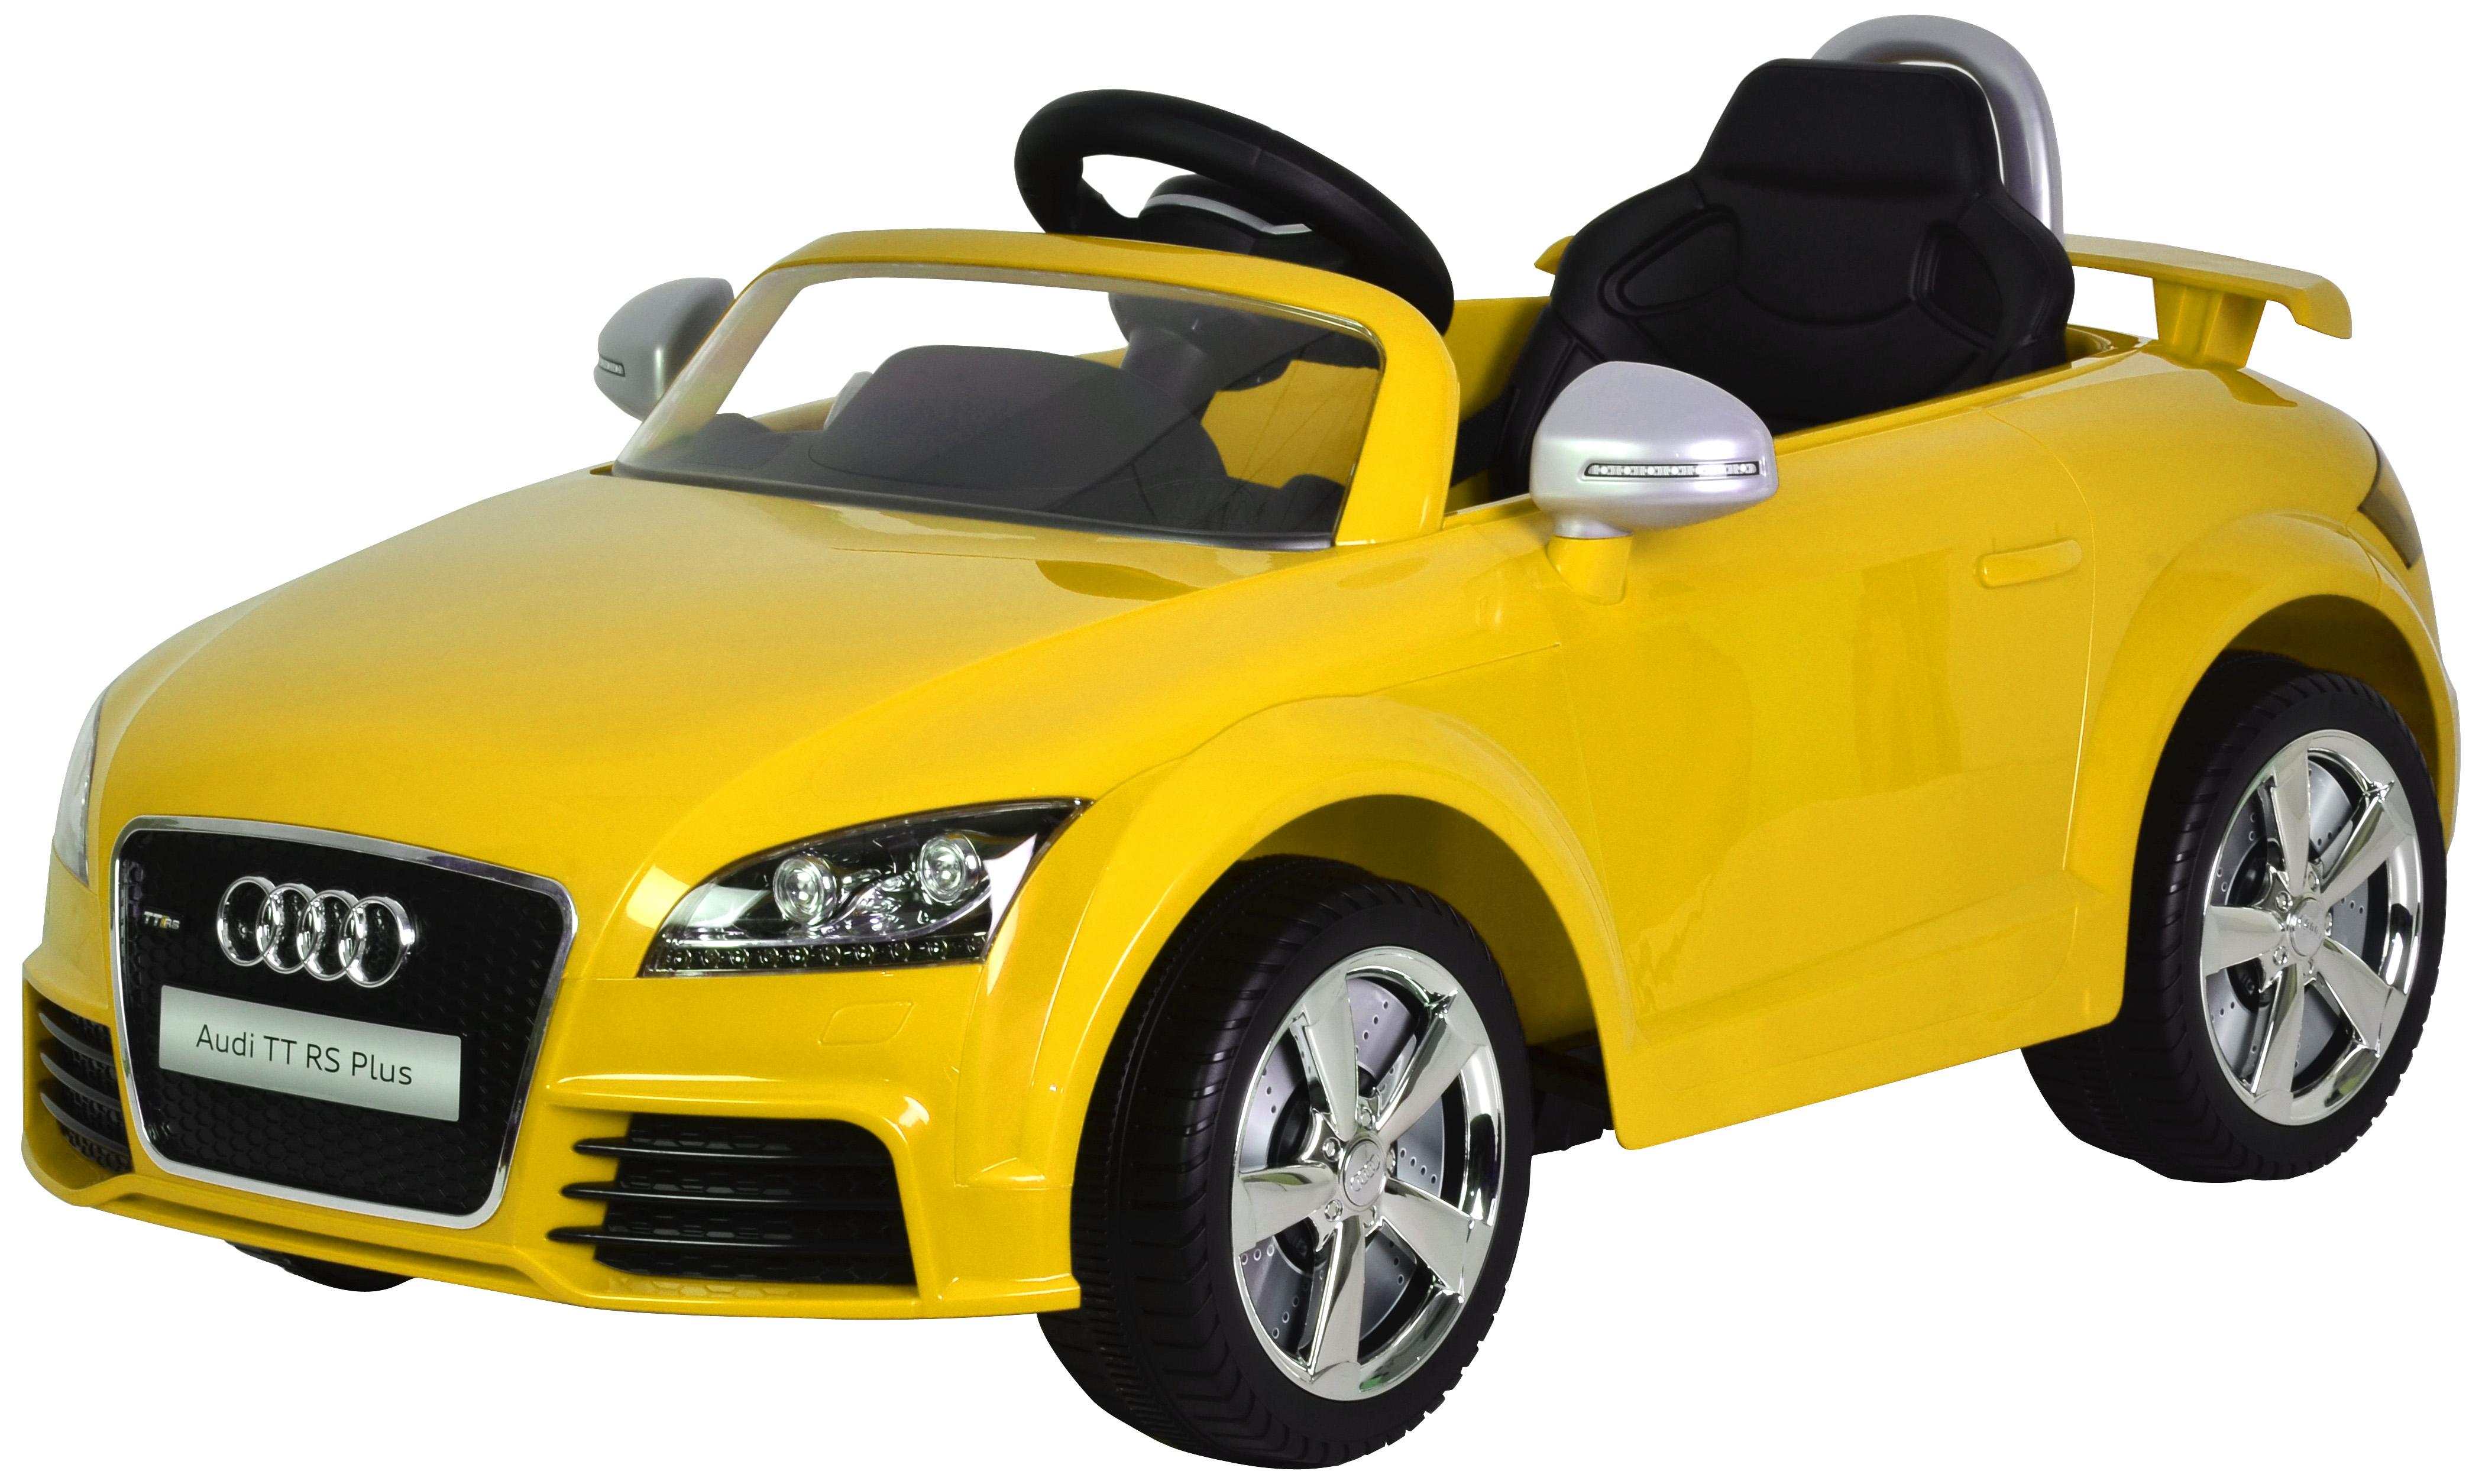 Автомобили смотреть онлайн бесплатно в хорошем качестве